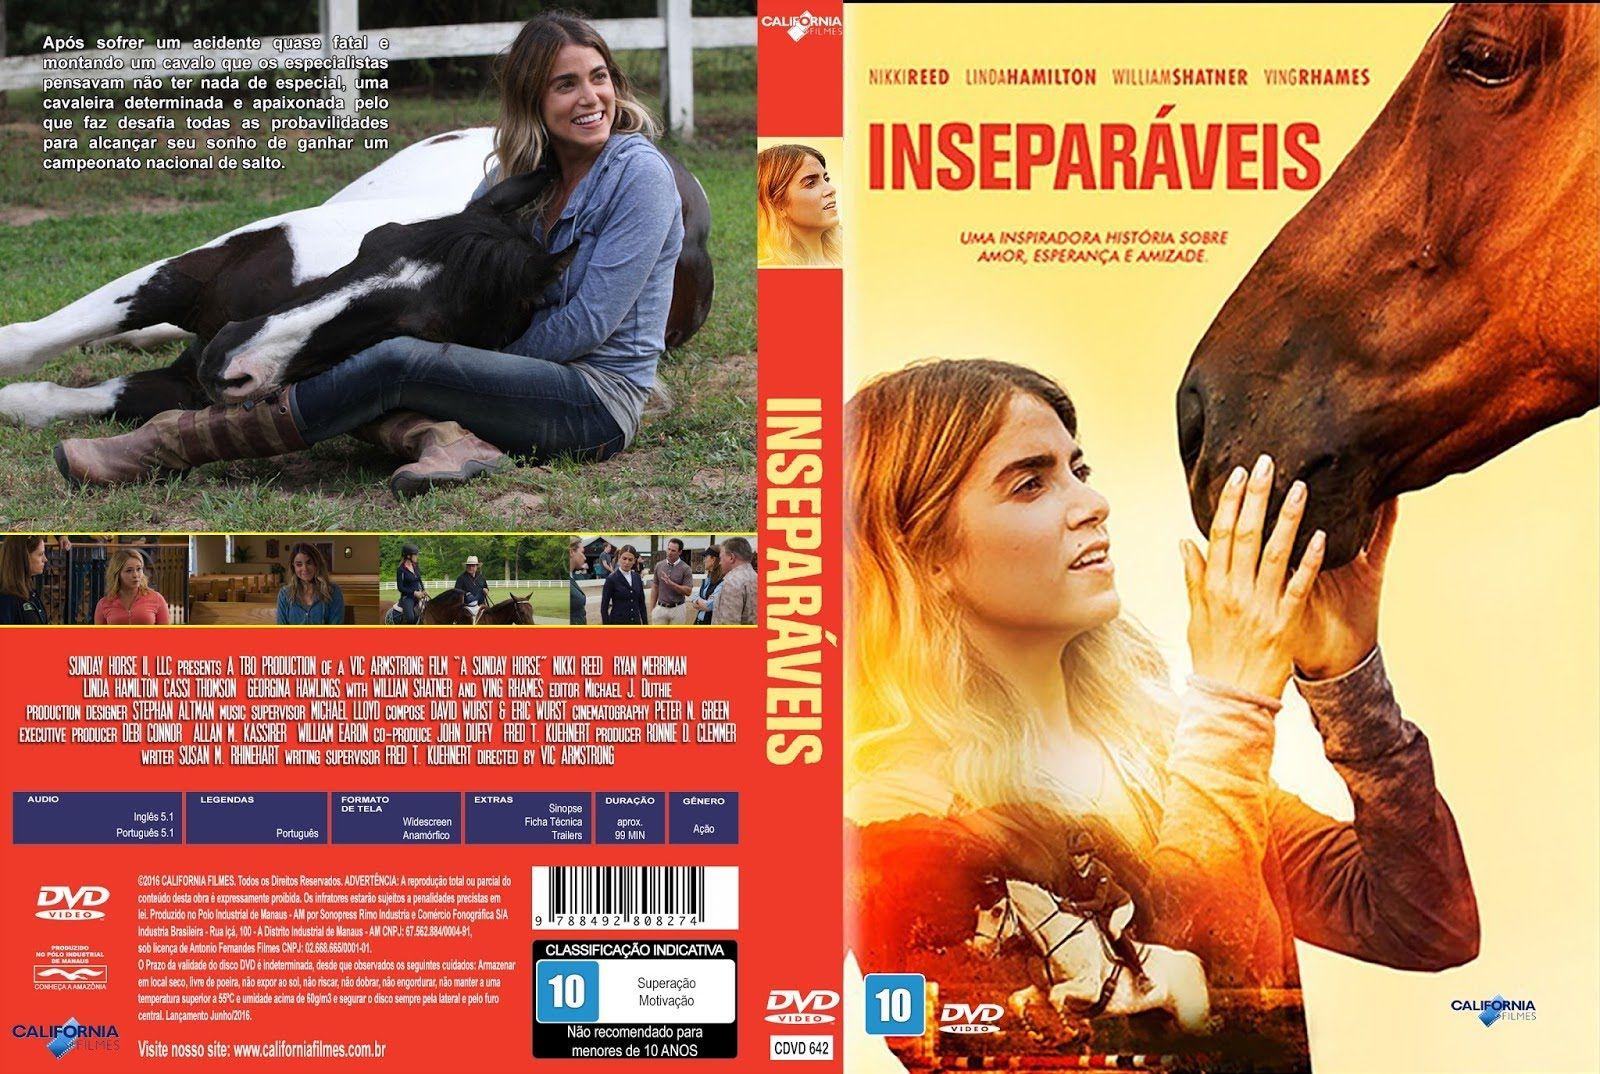 Inseparaveis Filme Dublado Completo Filme Dublado Filmes